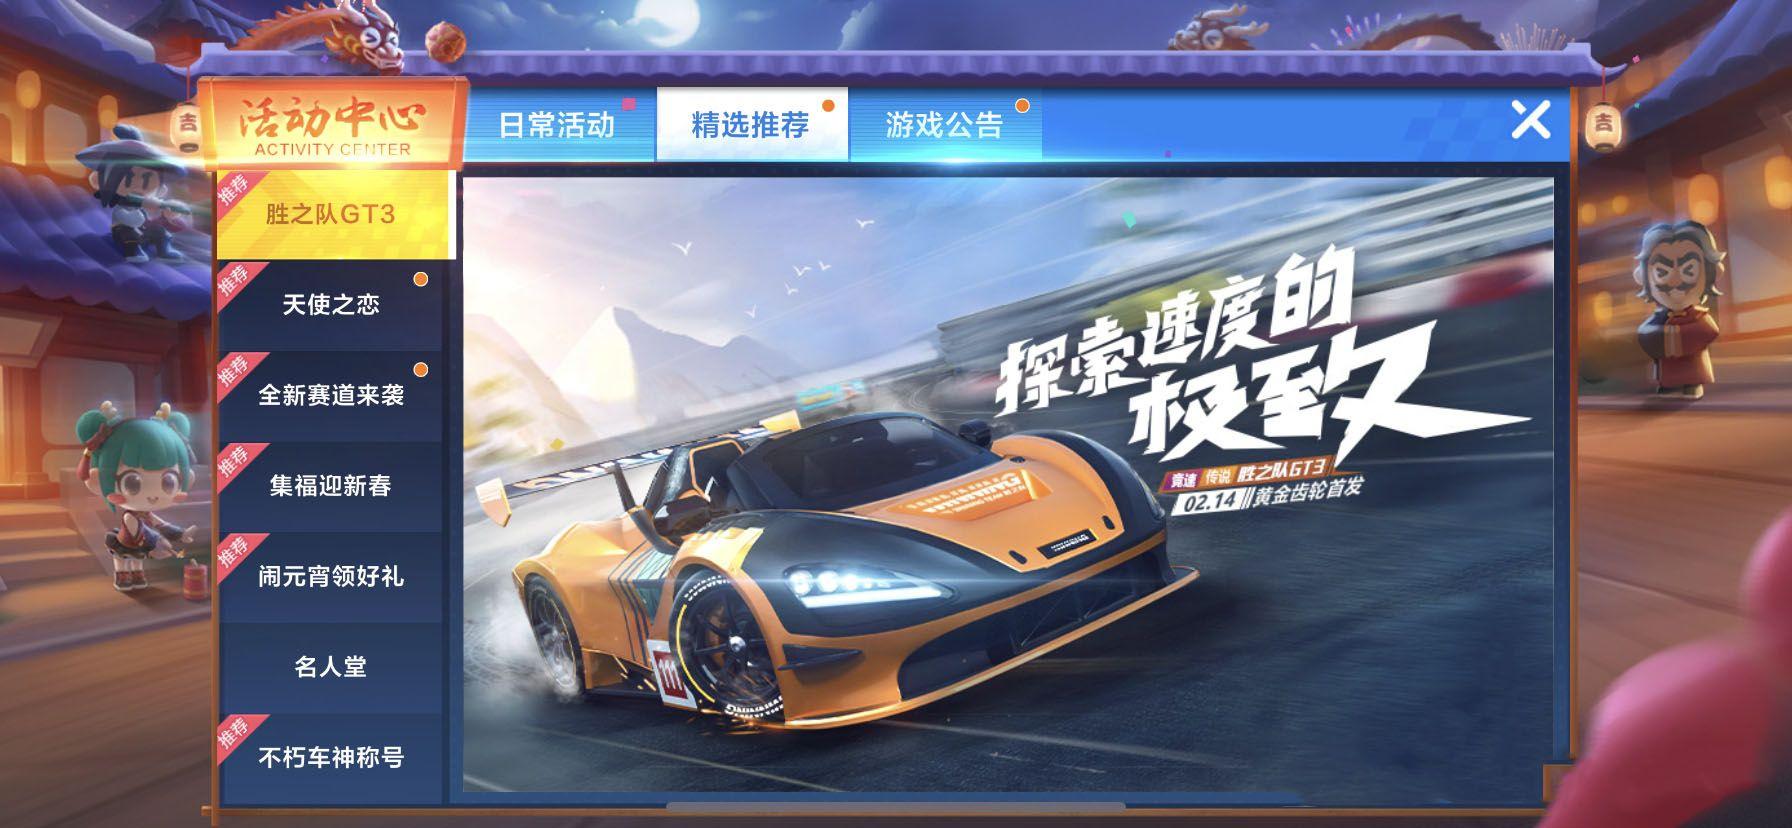 跑跑卡丁车手游胜之队GT3怎么获得?胜之队GT3获取方法[多图]